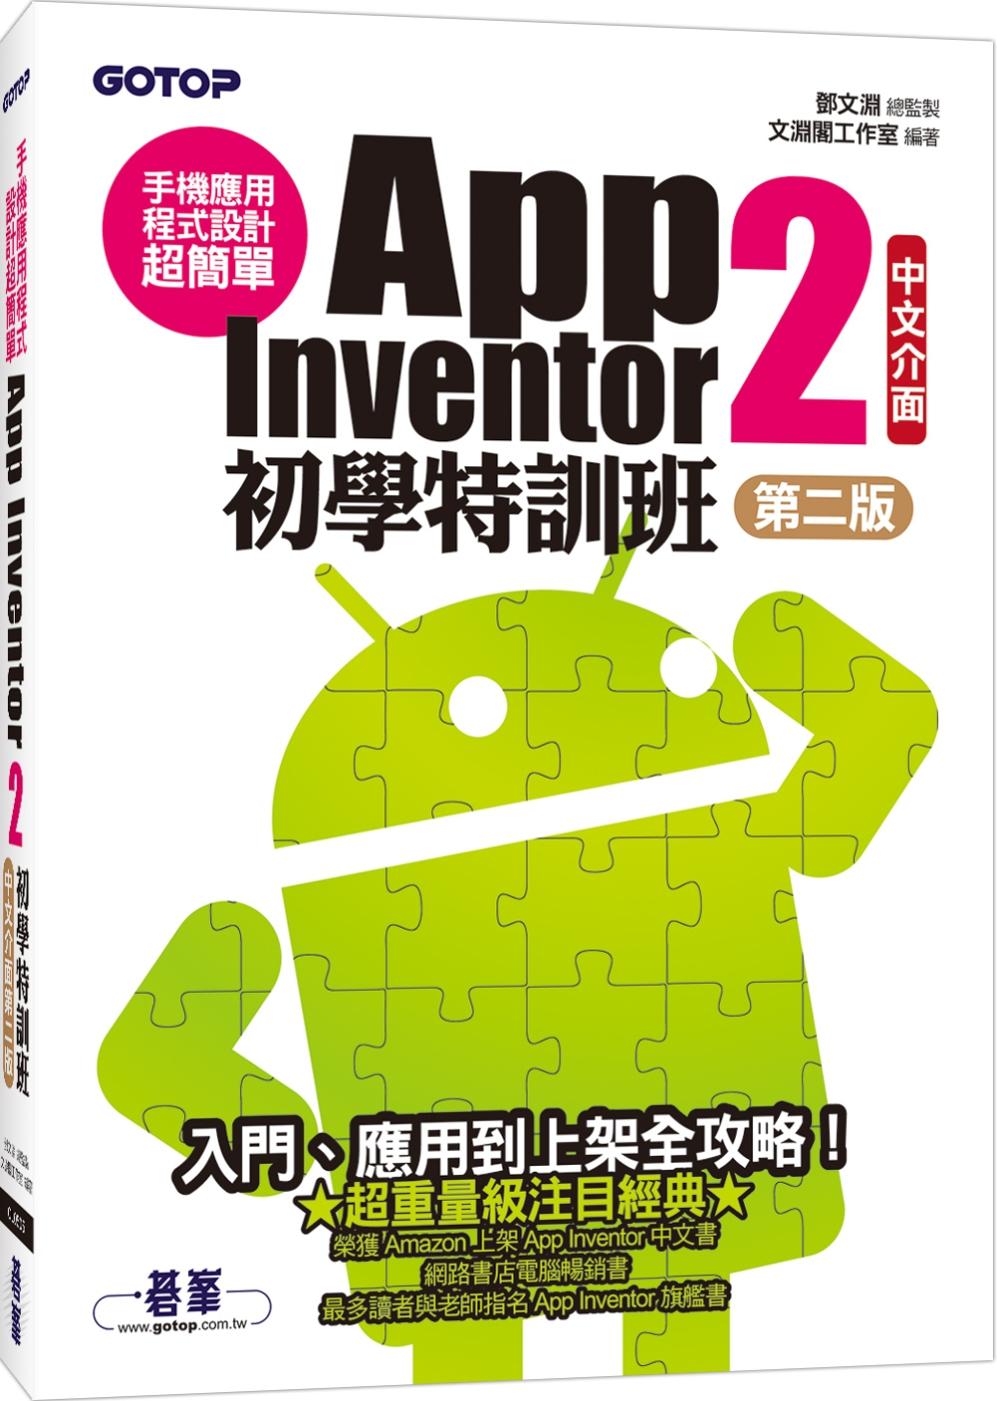 手機應用程式設計超簡單:App Inventor 2初學特訓班(中文介面第二版)(附影音/範例/架設解說與上架PDF)